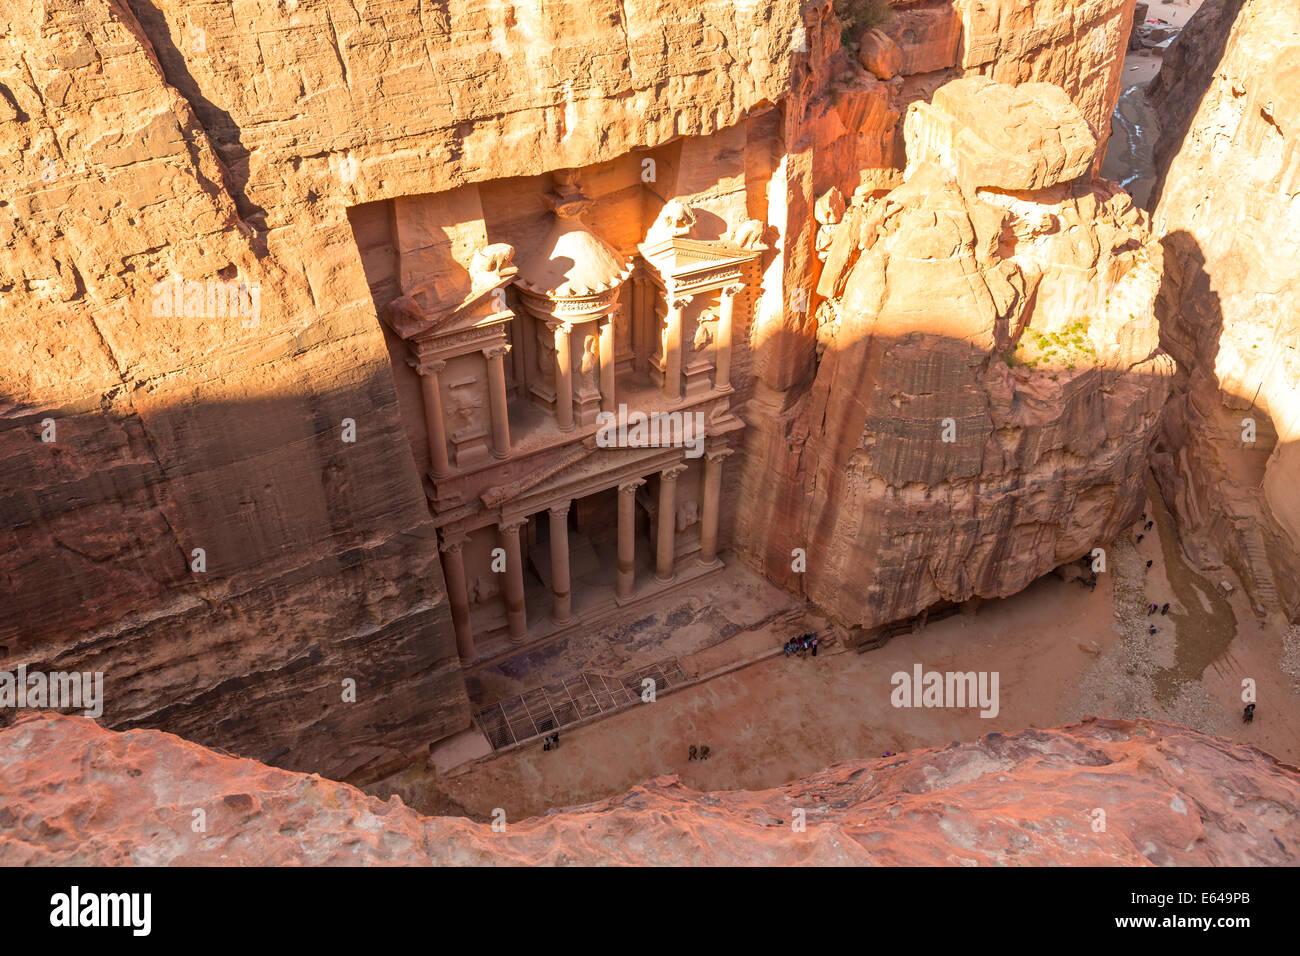 El Tesoro (El Khazneh), Petra, Jordania Imagen De Stock